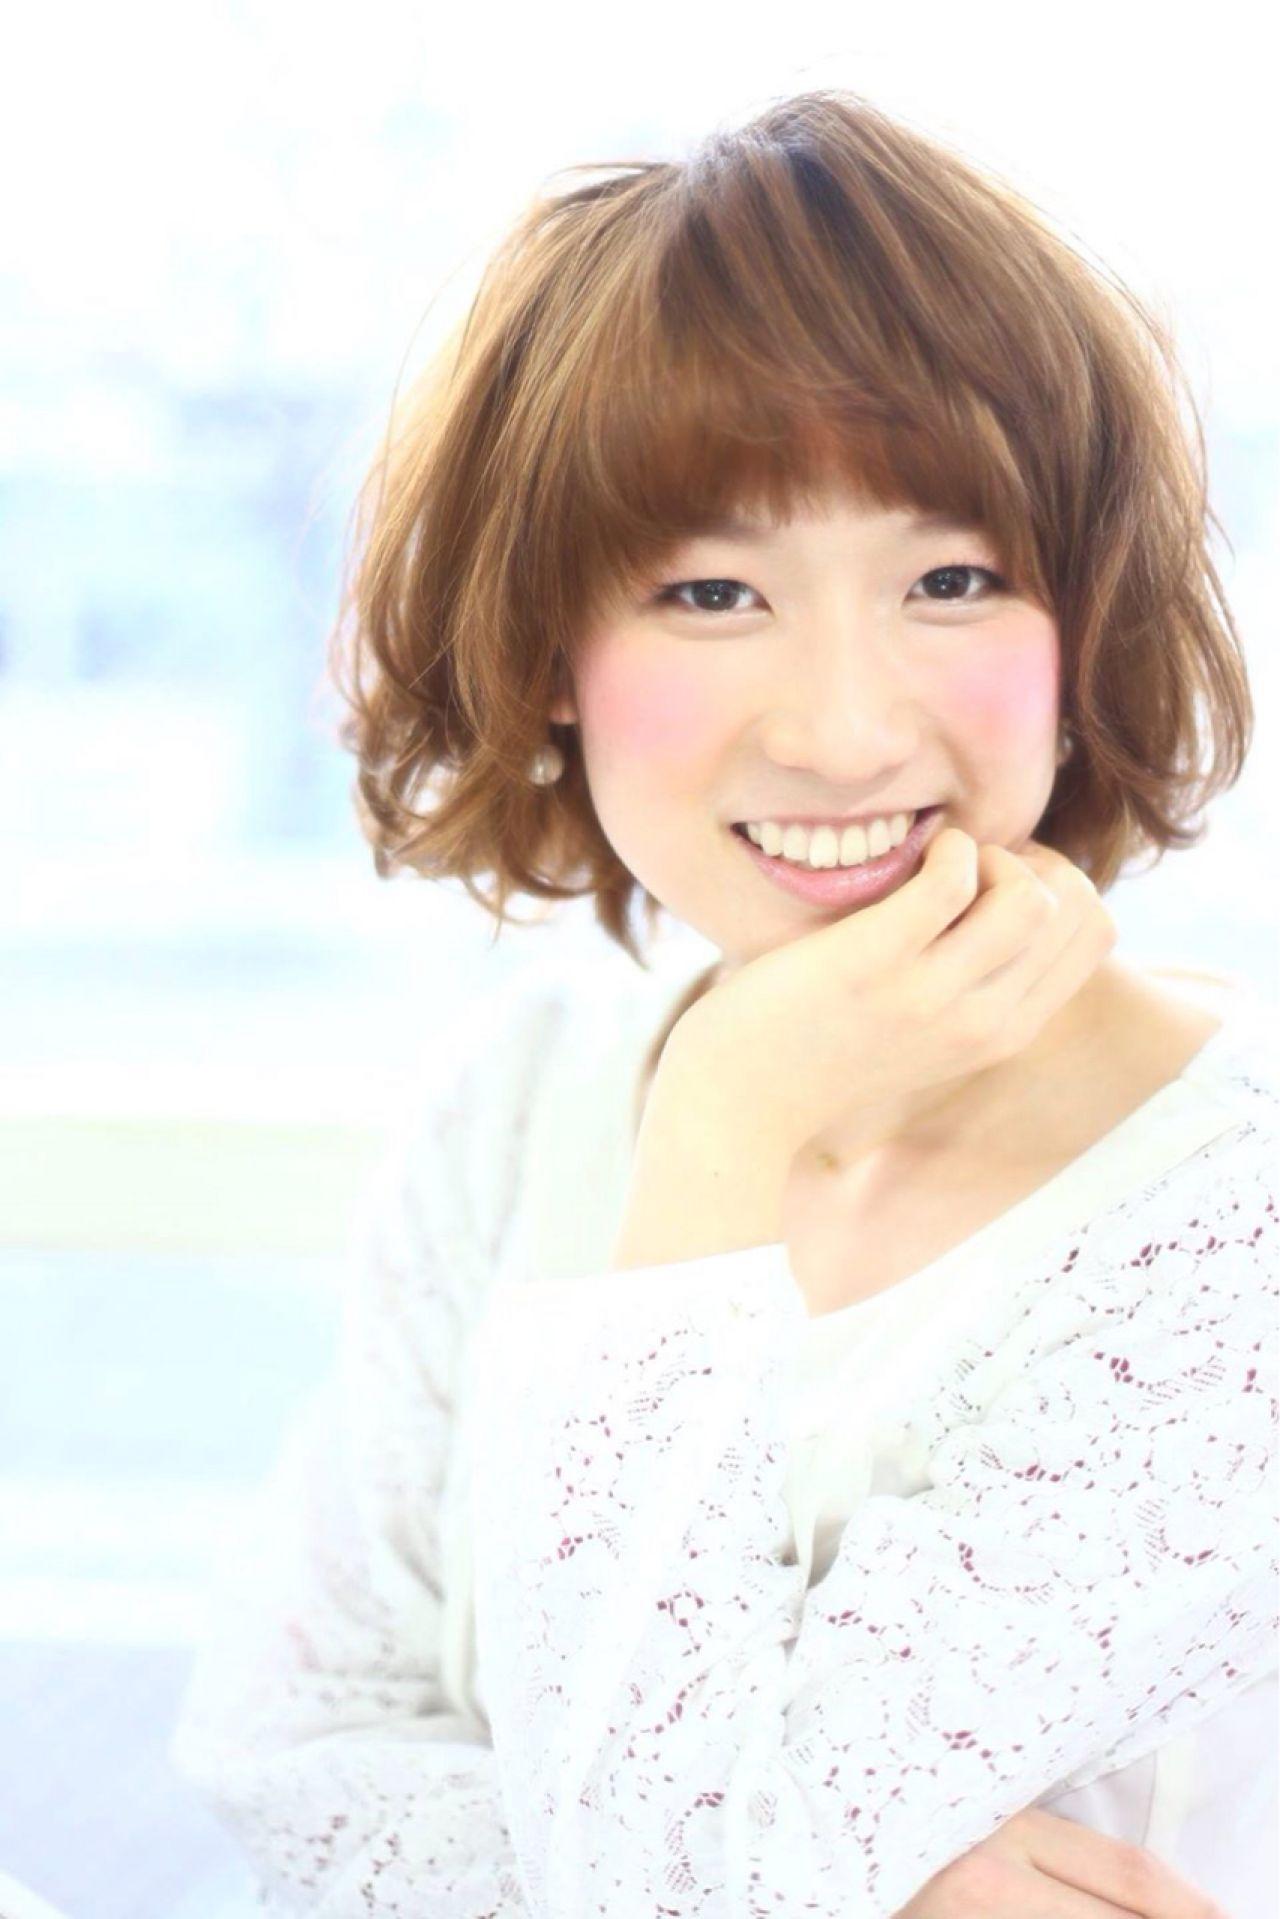 天然パーマを生かそう!くせ毛さん向けのパーマ髪型特集 上村伸一郎